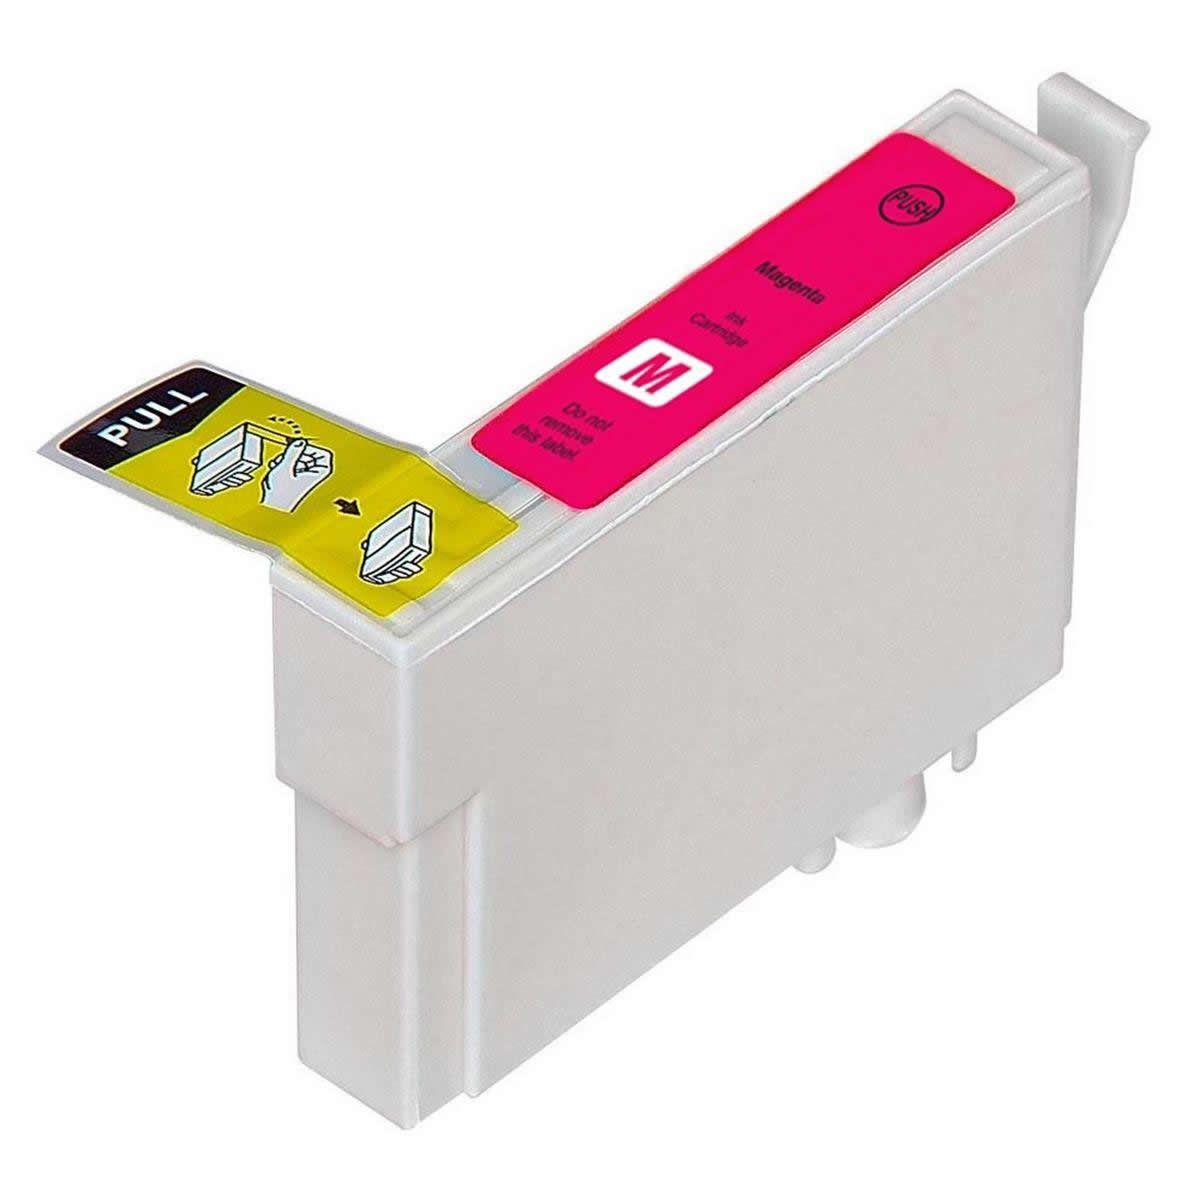 Cartucho MJ Compatível TO823 Magenta para R270 R290 T50 da EPSON